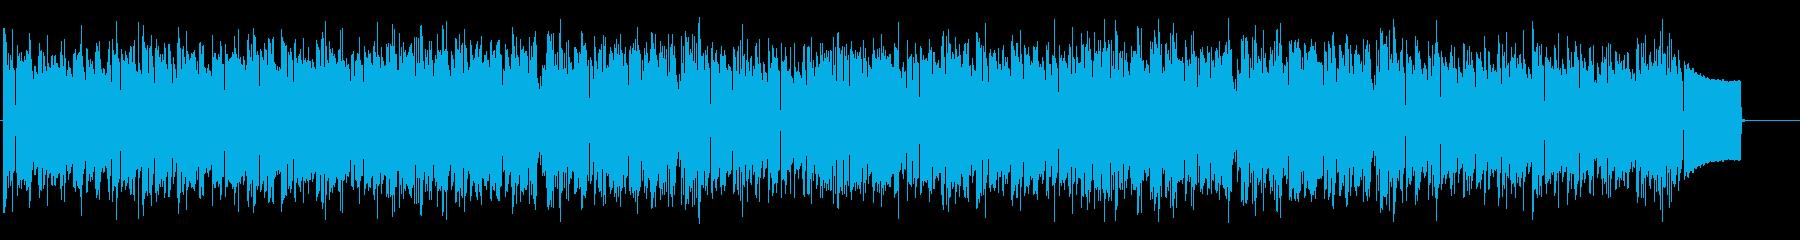 清らかで明るいイメージのBGMの再生済みの波形